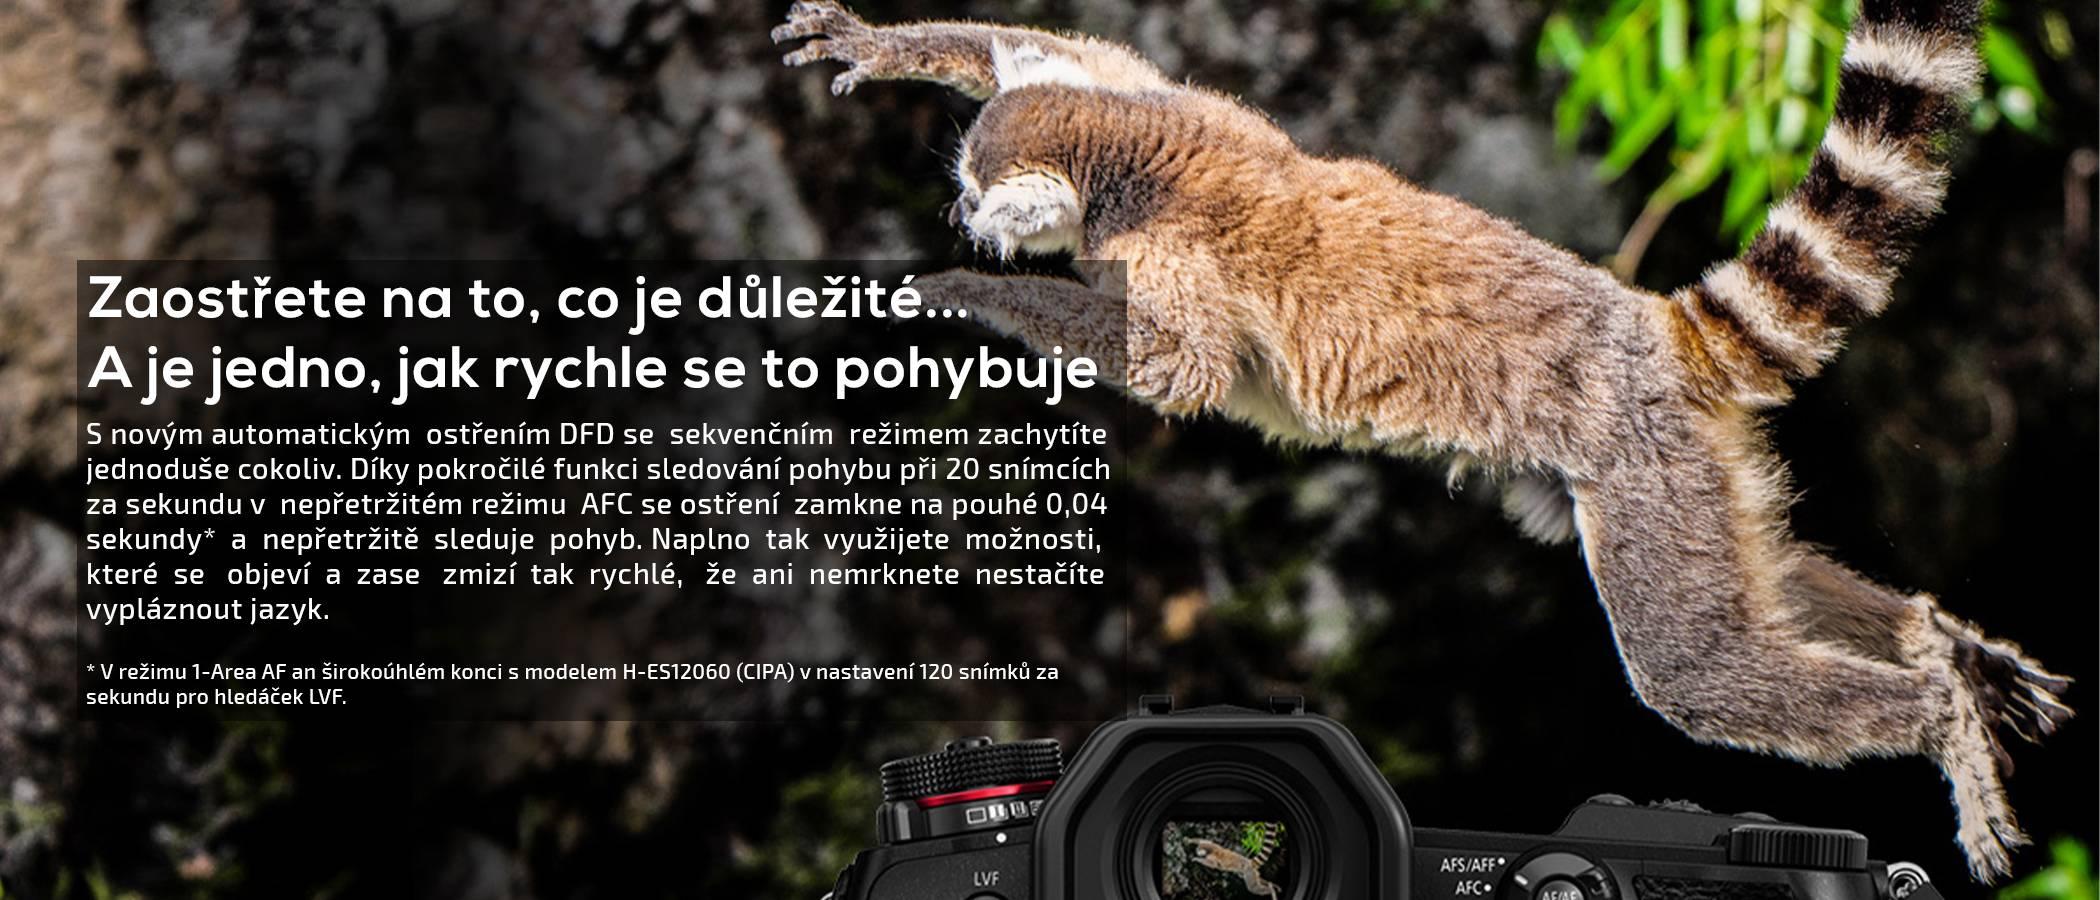 film-technika-panasonic-g-9-ostření-2